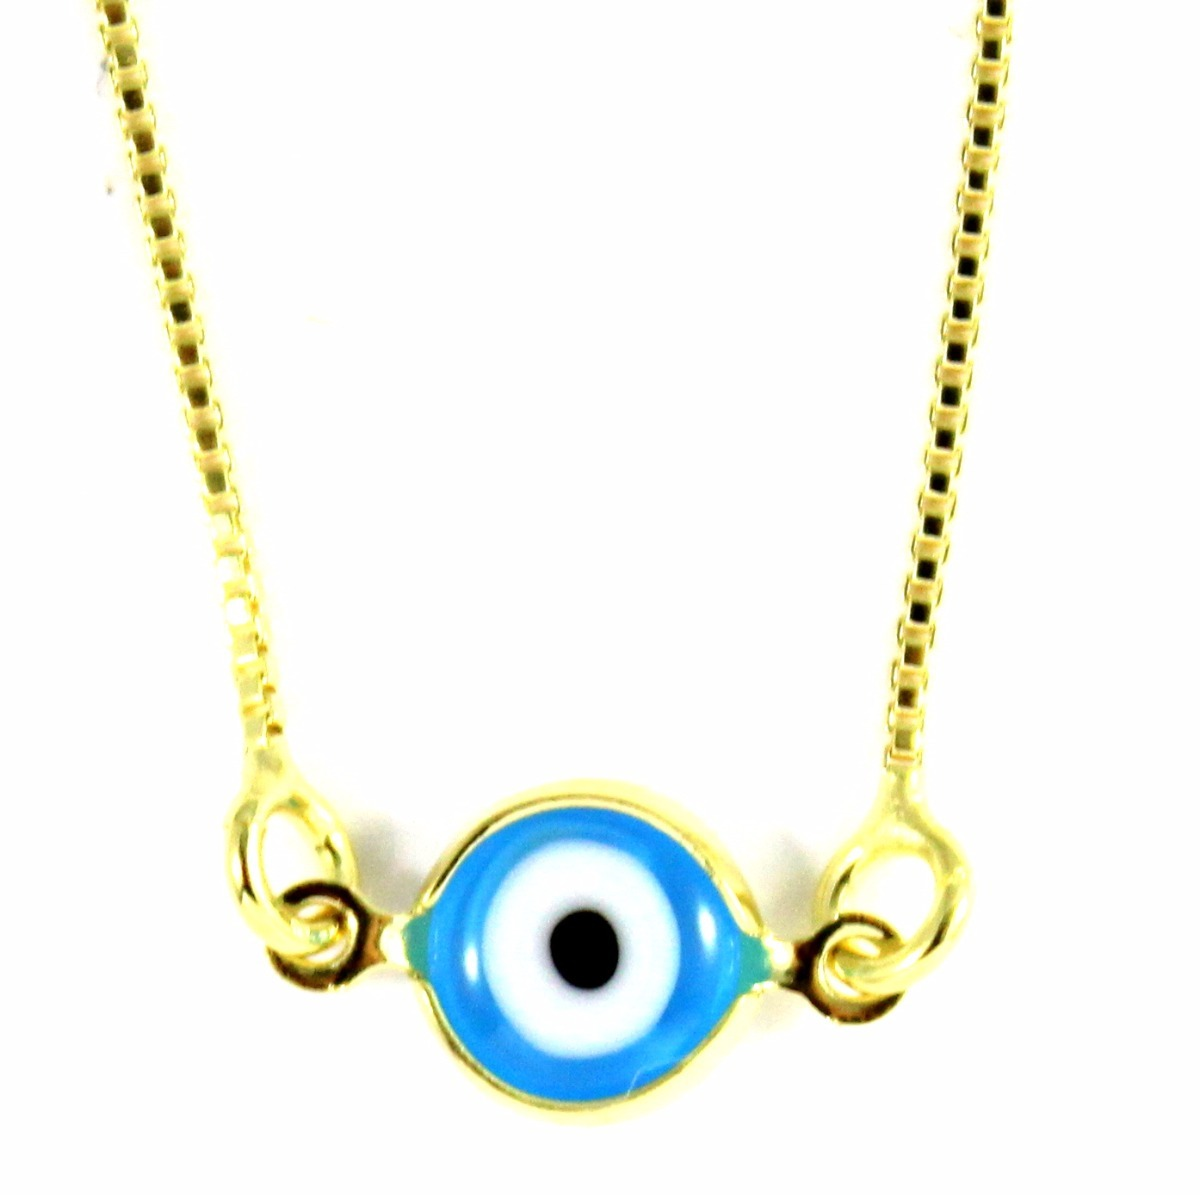 d18d367d368e0 colar com olho grego azul claro banhado em ouro 18k+proteção. Carregando  zoom.